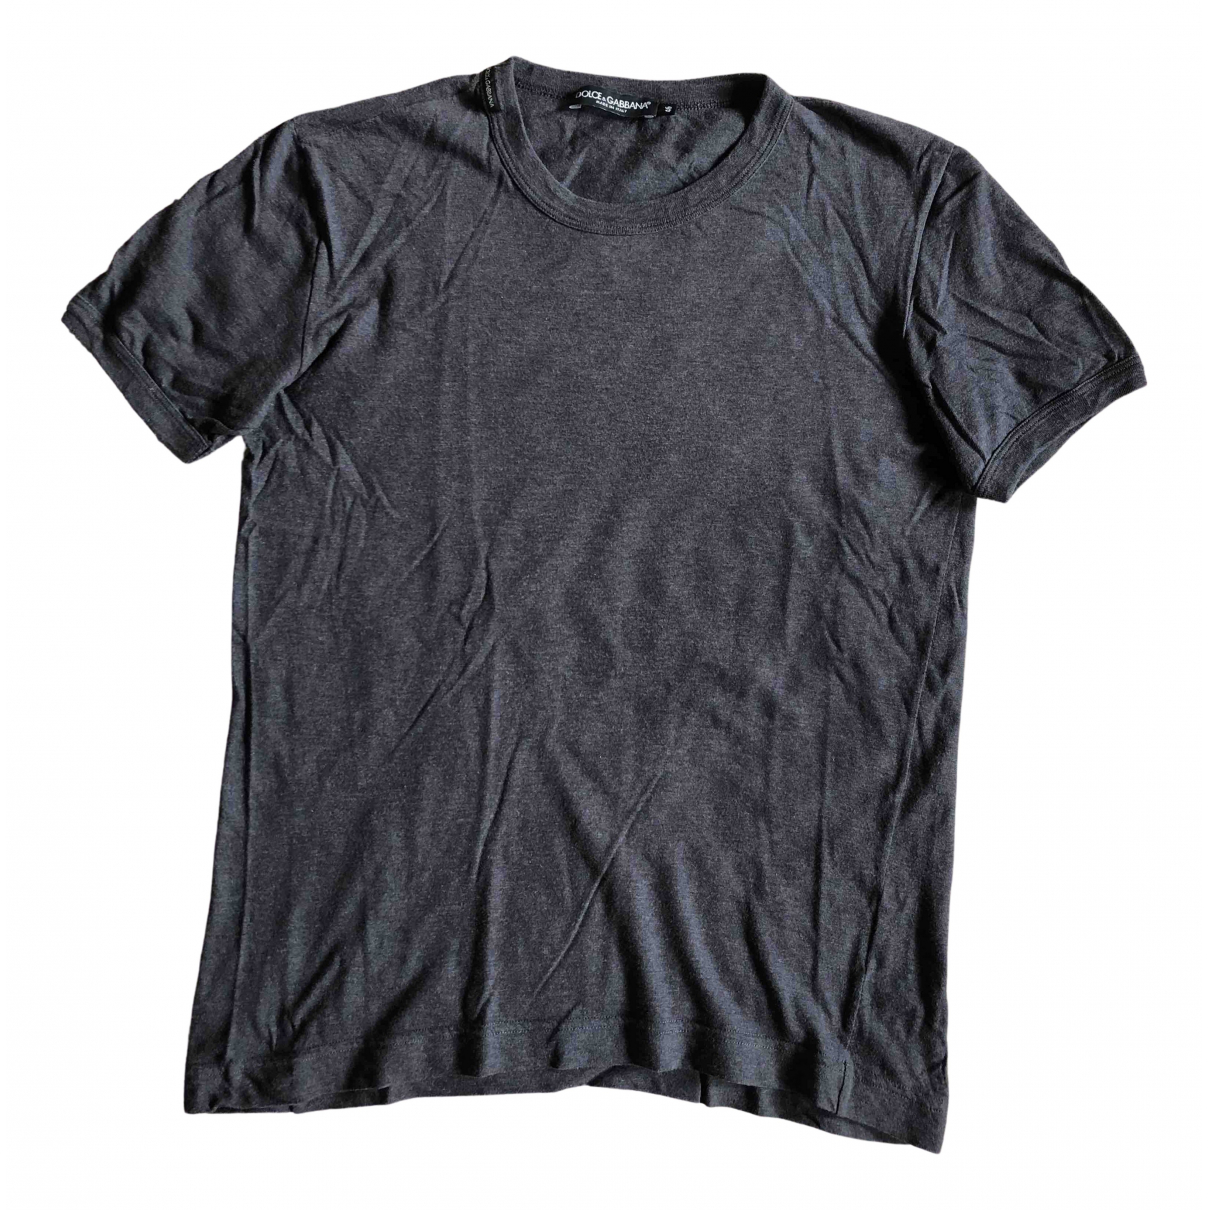 Dolce & Gabbana - Tee shirts   pour homme en coton - gris